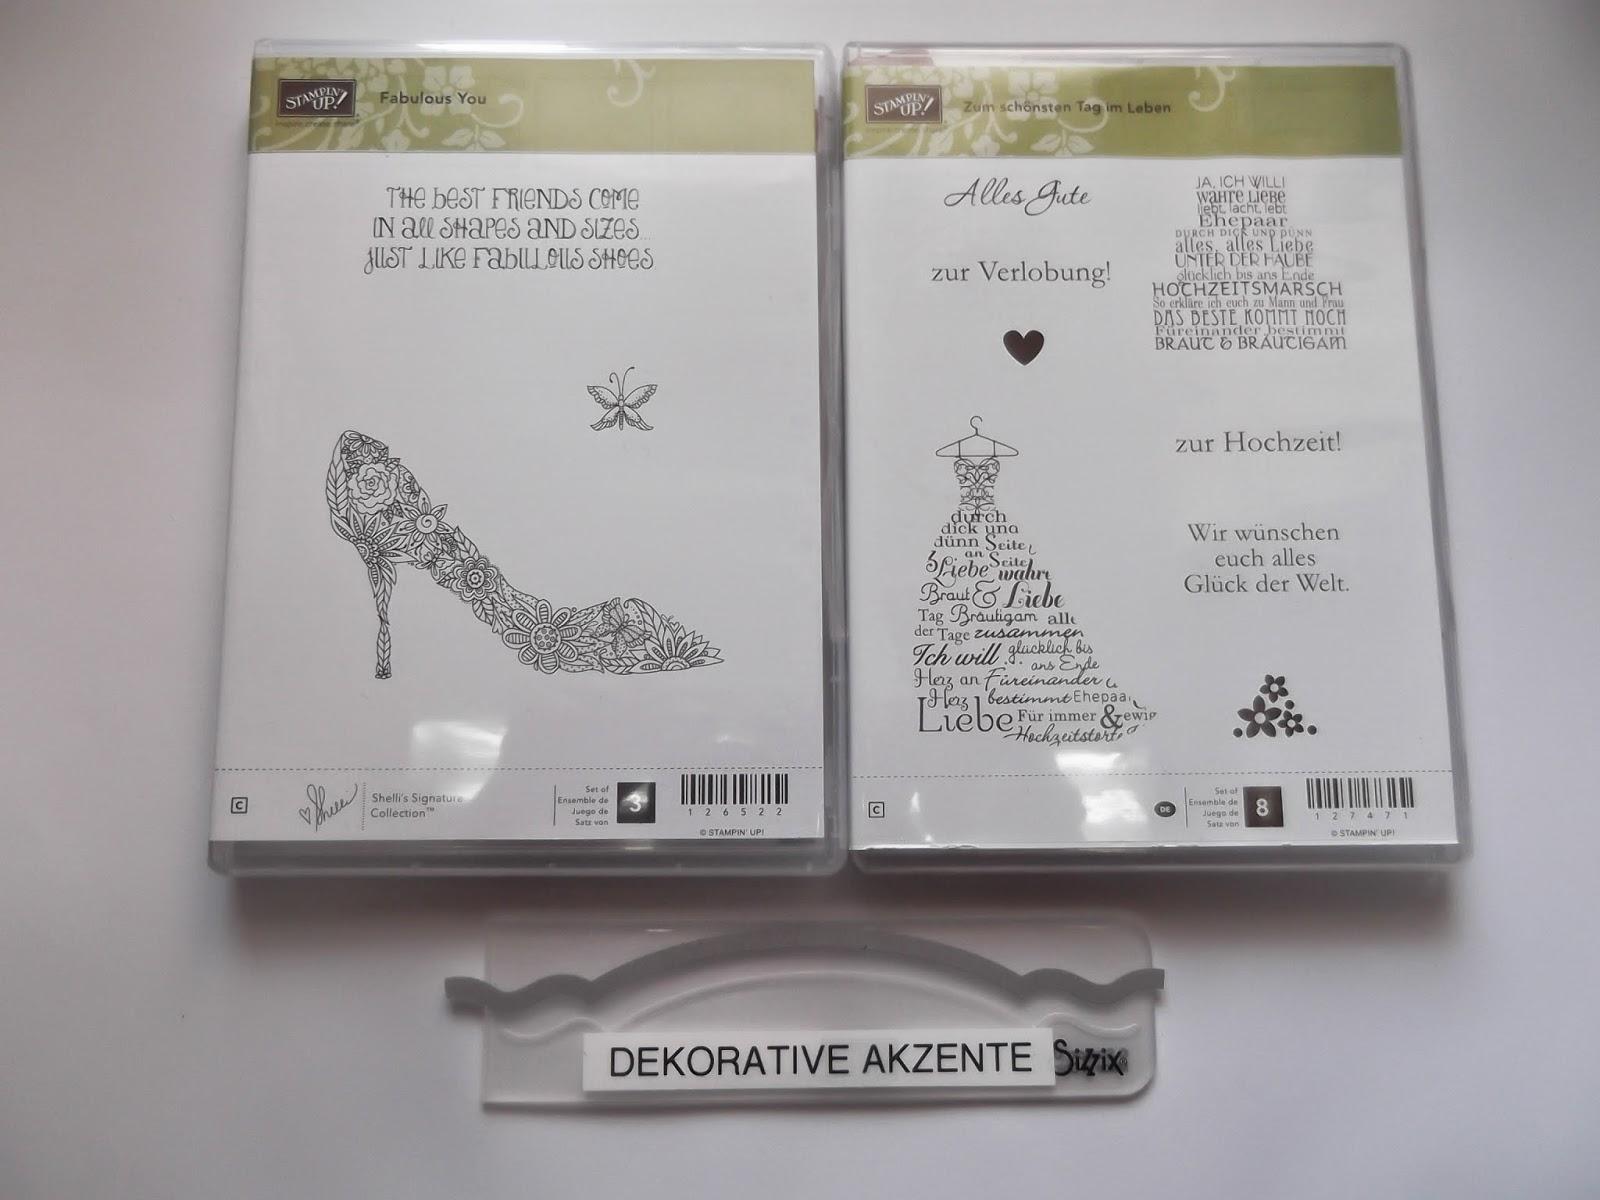 Sconebeker Stempelscheune Und Noch Zwei Hochzeitskarten Mit Dem